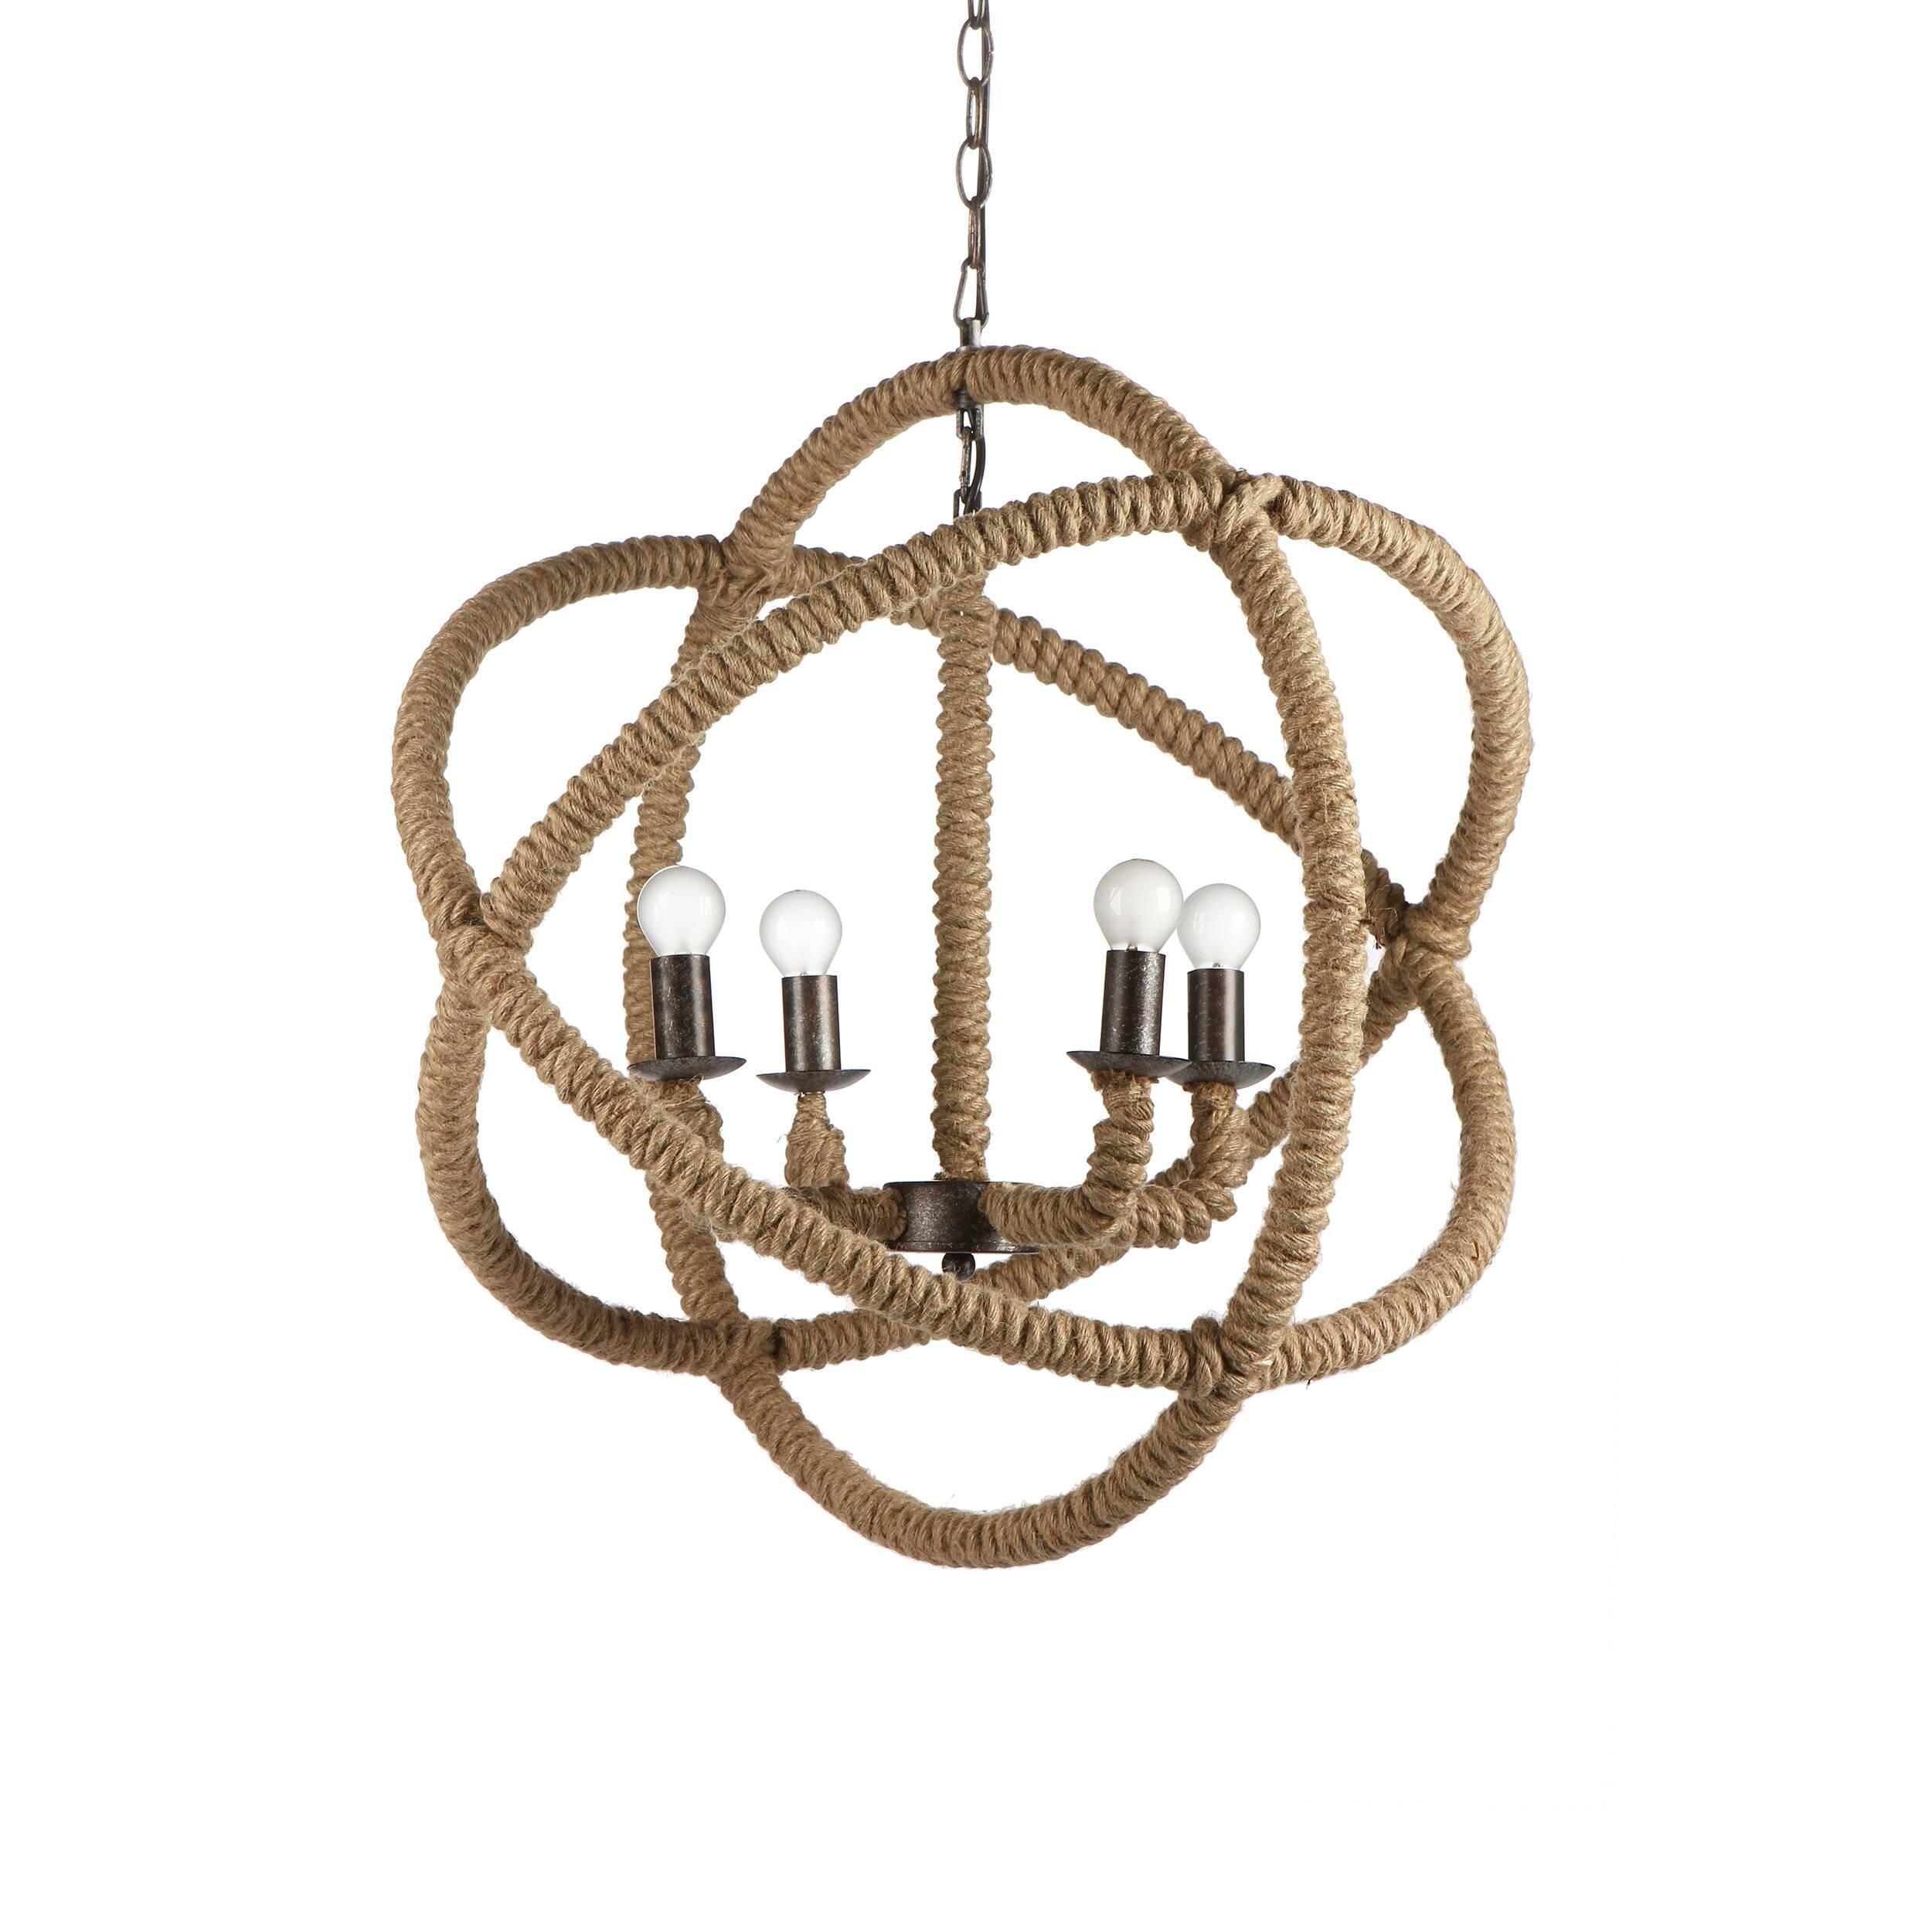 Подвесной светильник La сuerdaПодвесные<br>Плетеная мебель и аксессуары не теряют популярности на выставках и дизайнерских биеннале благодаря своей универсальности, натуральности и приятным оттенкам и текстуре.<br><br><br> По-испански la cuerda означает «канат», «веревка», и название свое этот светильник получил не зря. Создавая его, дизайнеры вдохновлялись морскими канатами и узлами из плотной бечевки, а еще затейливым макраме. К хитросплетениям конструкции этой лампы они добавили и чуть-чуть Средневековья — черно-серый металлический ...<br><br>stock: 1<br>Длина: 60<br>Длина провода: 150<br>Количество ламп: 4<br>Материал абажура: Веревки<br>Материал арматуры: Металл<br>Мощность лампы: 40<br>Ламп в комплекте: Нет<br>Напряжение: 220<br>Тип лампы/цоколь: E14<br>Цвет абажура: Дерево<br>Цвет арматуры: Черно-серый<br>Цвет провода: Черный